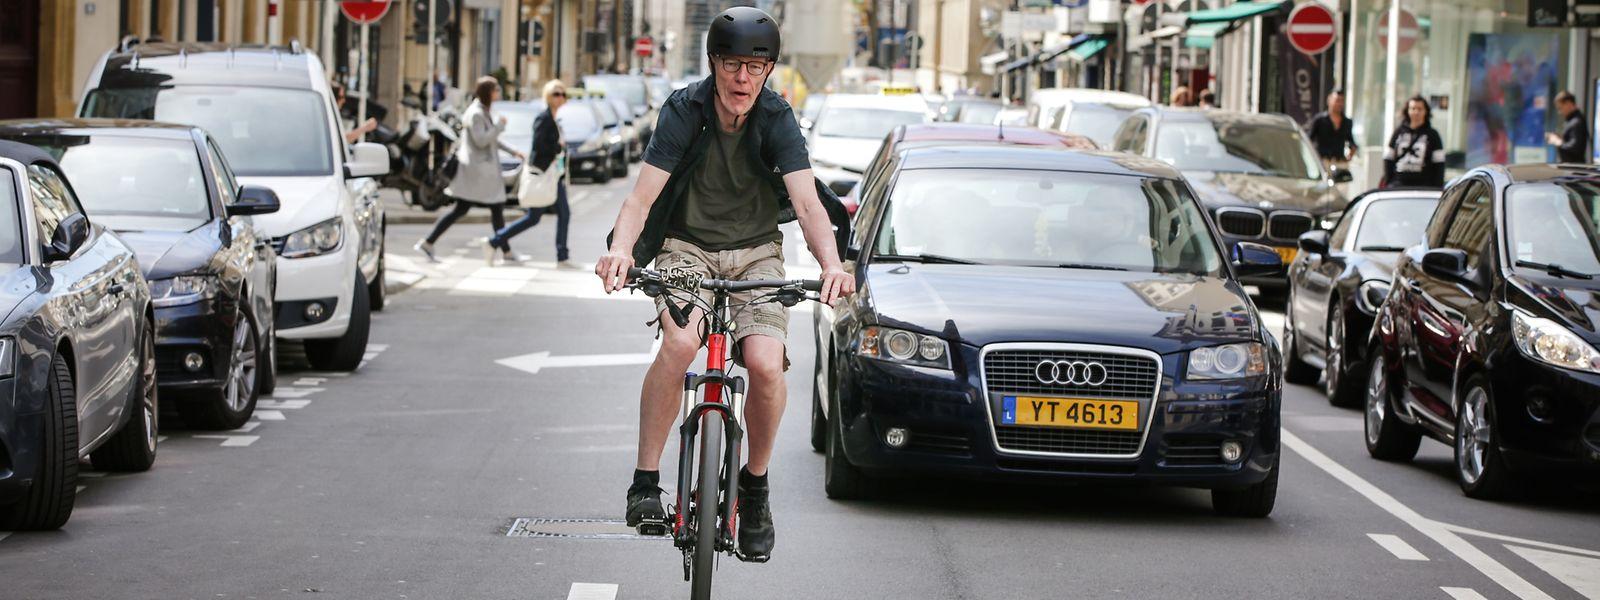 Künftig müssen Autofahrer 1,50 Meter seitlichen Abstand beim Überholen eines Autos halten.